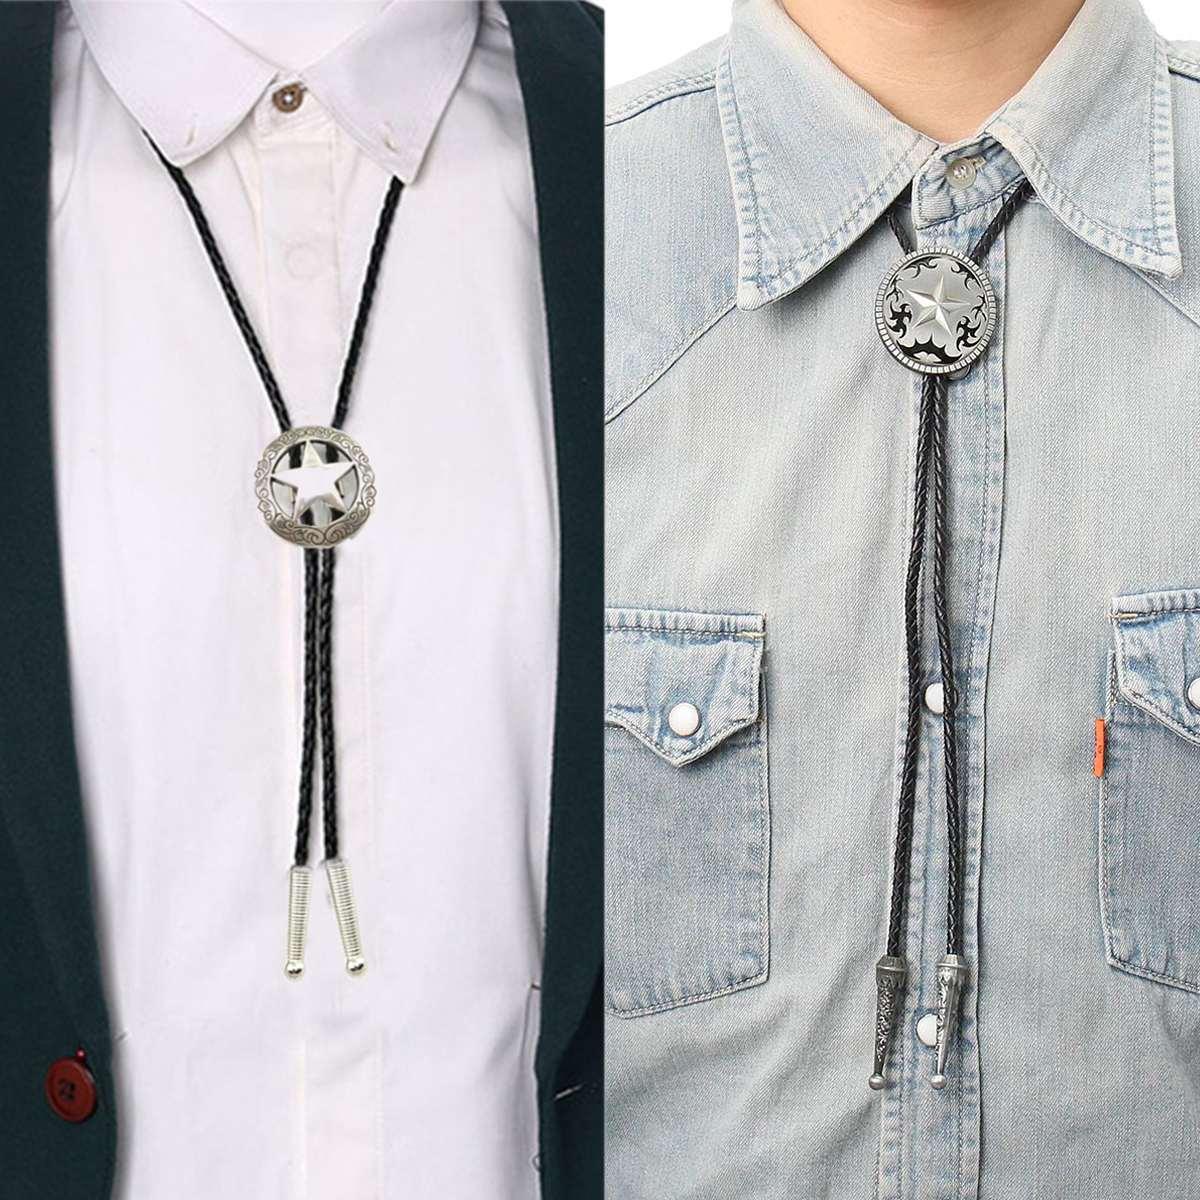 Jungen Krawatte Gusleson Neue Paisley Jacquard Gesponnene Seide Herren Krawatte Taschentuch Set Krawatte 8 Cm Gestreiften Krawatten Für Männer Anzug Business Hochzeit